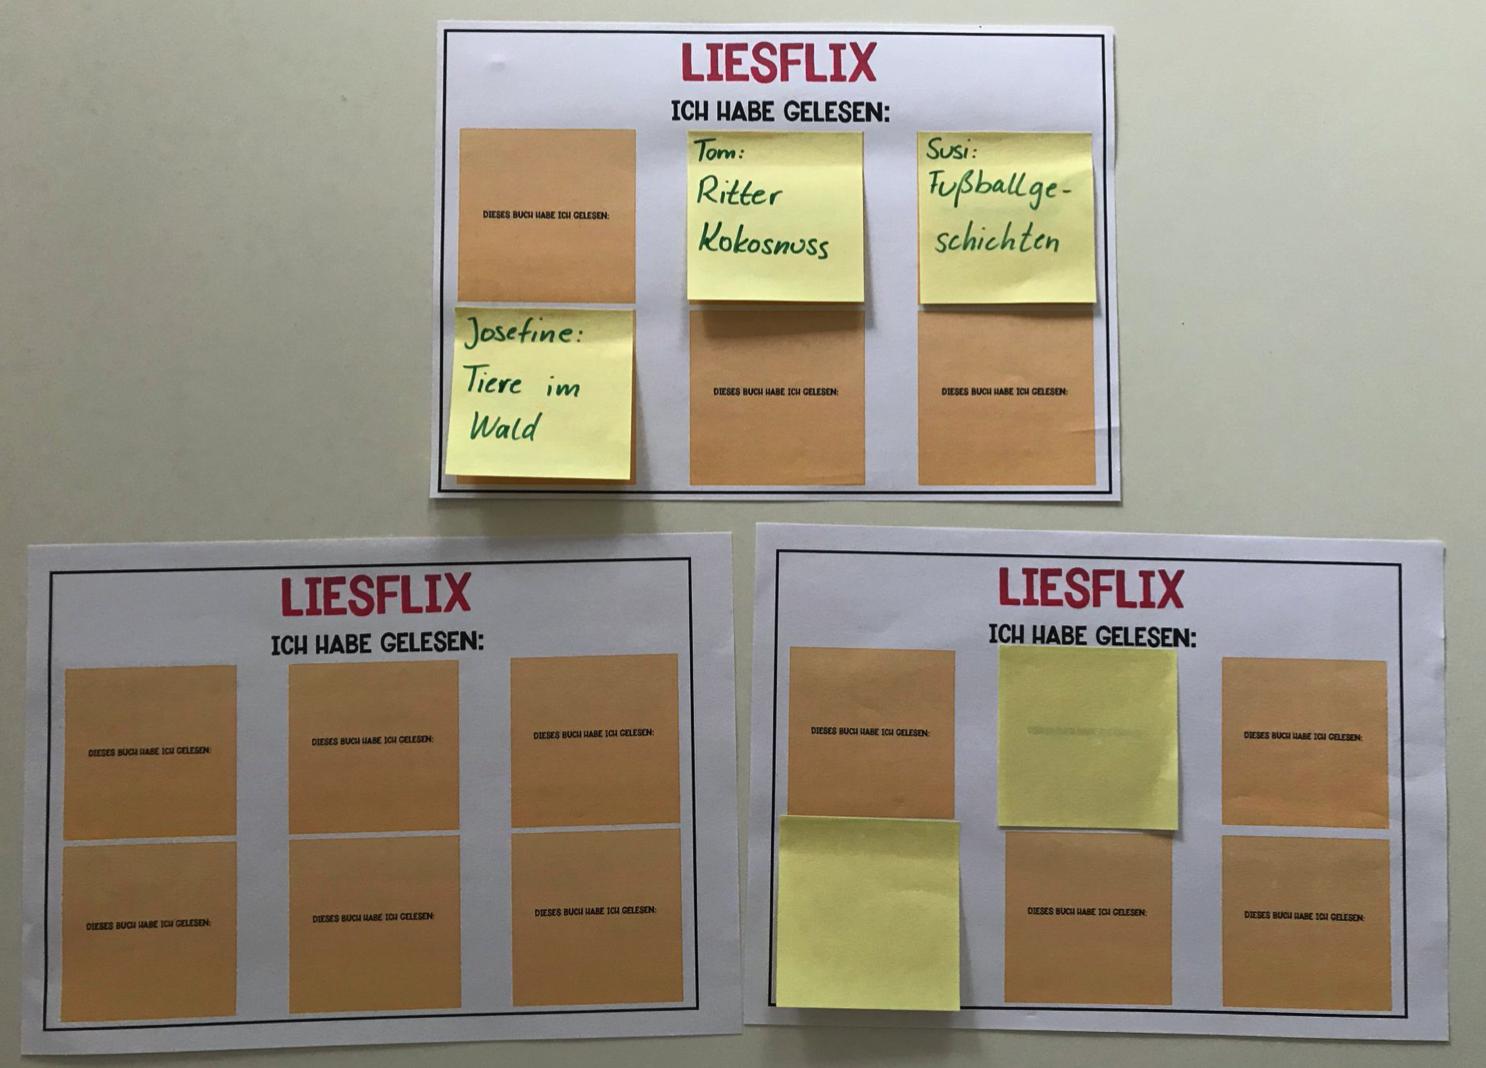 Liesflix - Lesefortschritte festhalten